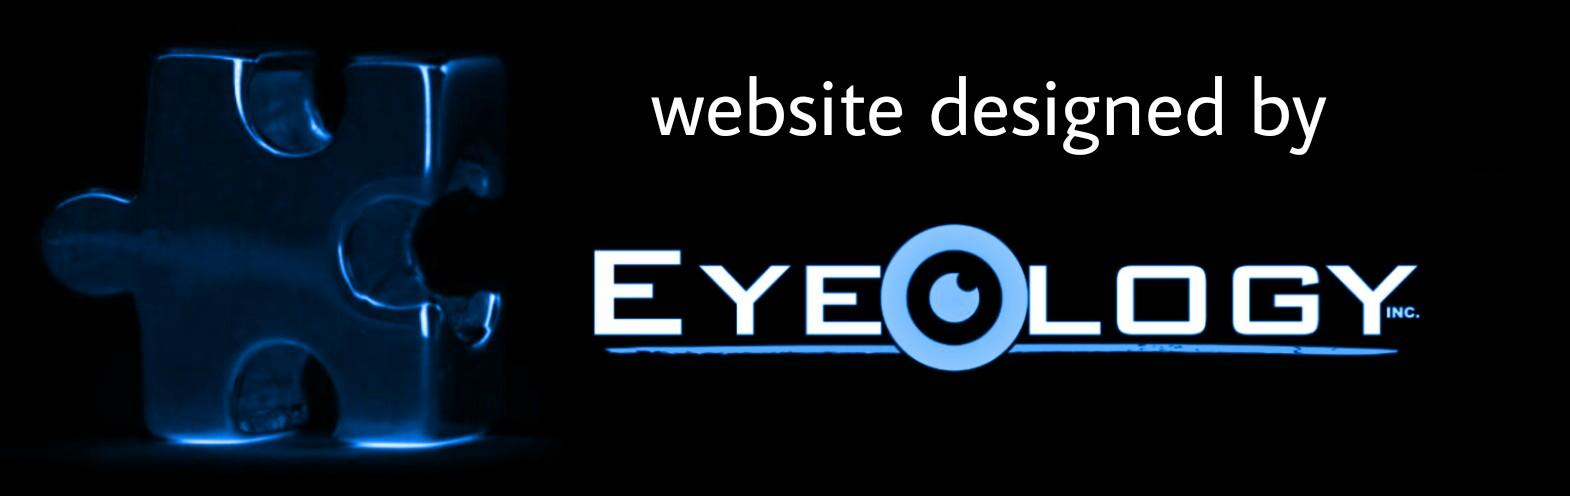 eyeologylogo